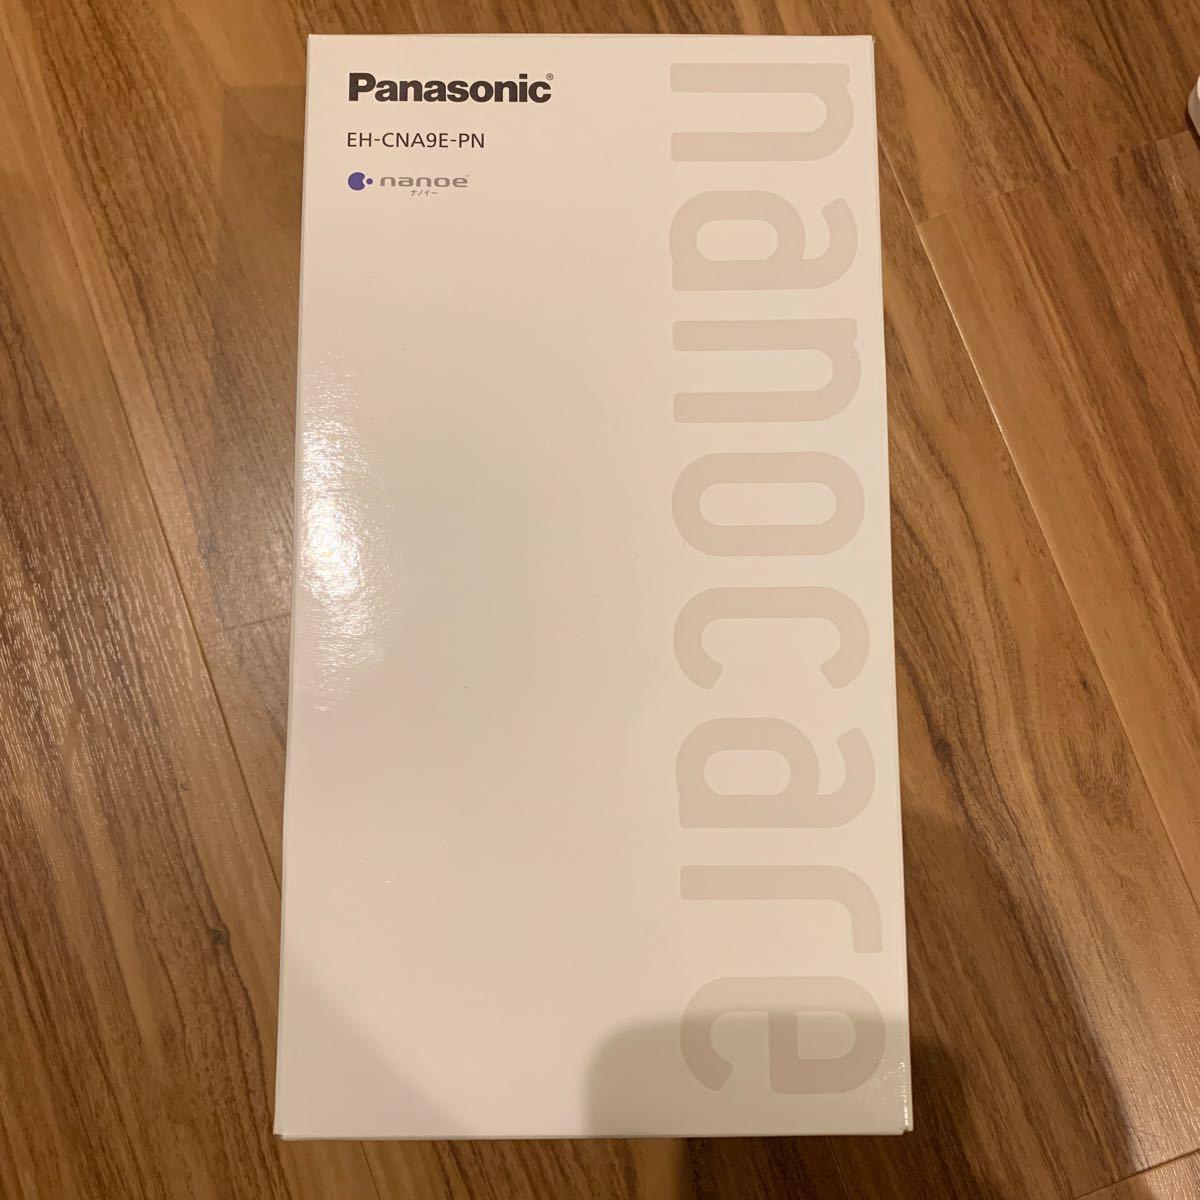 パナソニック ナノケア EH-CNA9E-PN ピンクゴールド ヘアドライヤー ナノイー